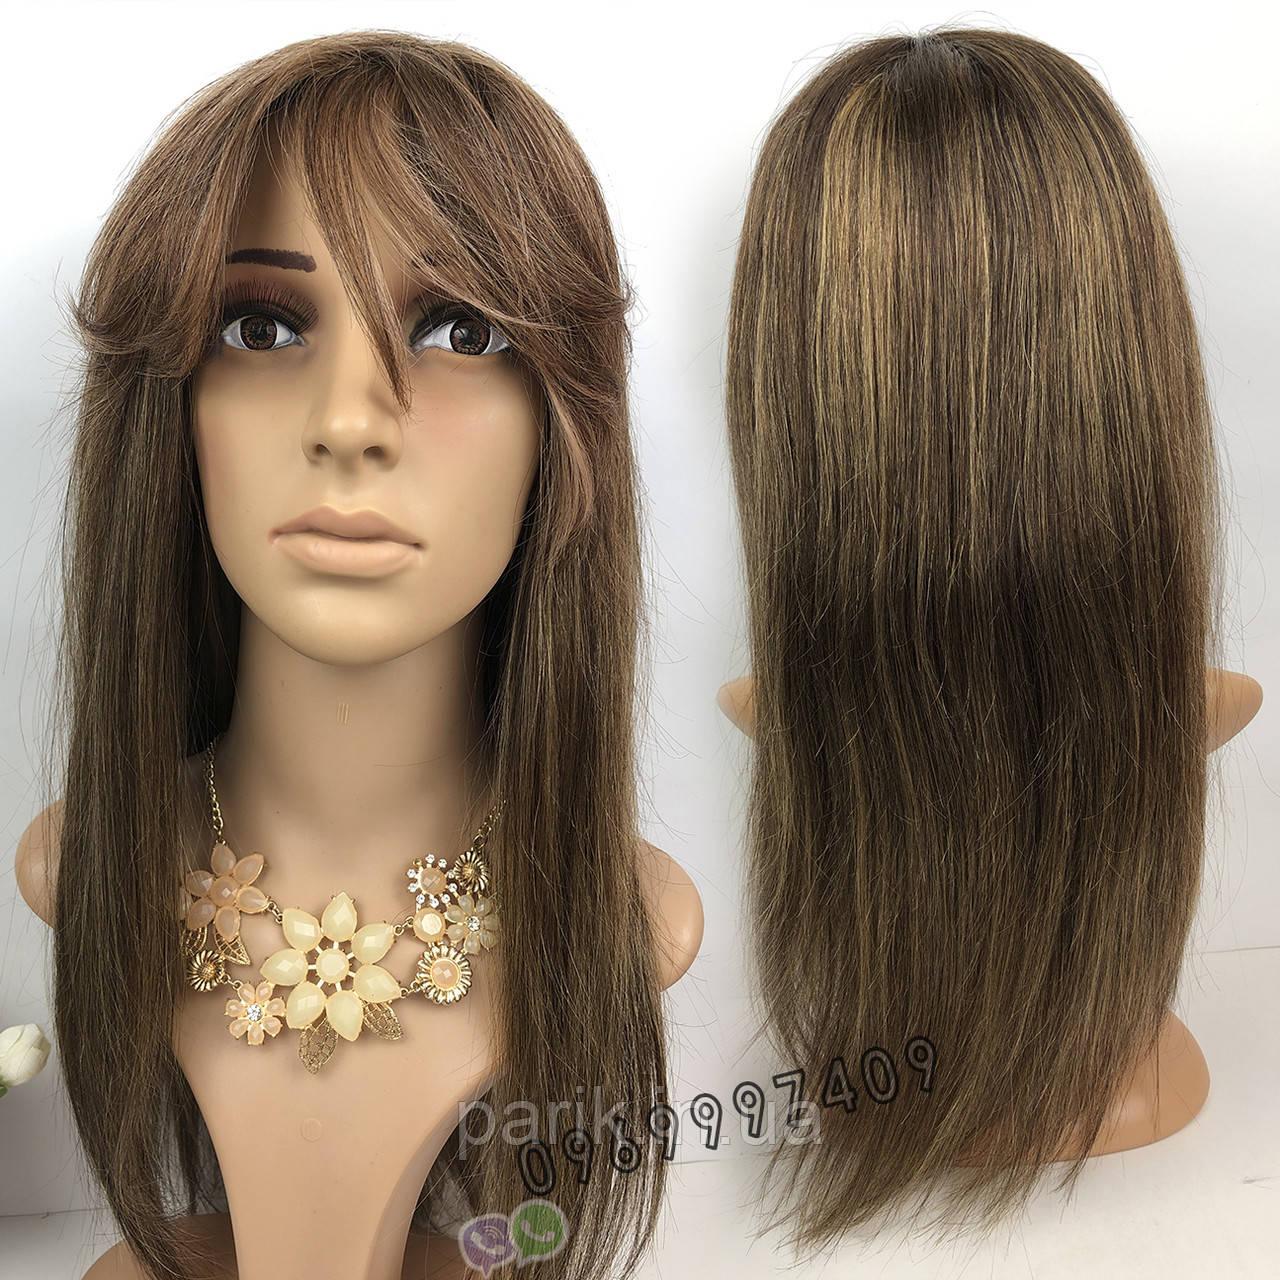 💎 Парик из натуральных волос с длинной челкой, мелирован 💎